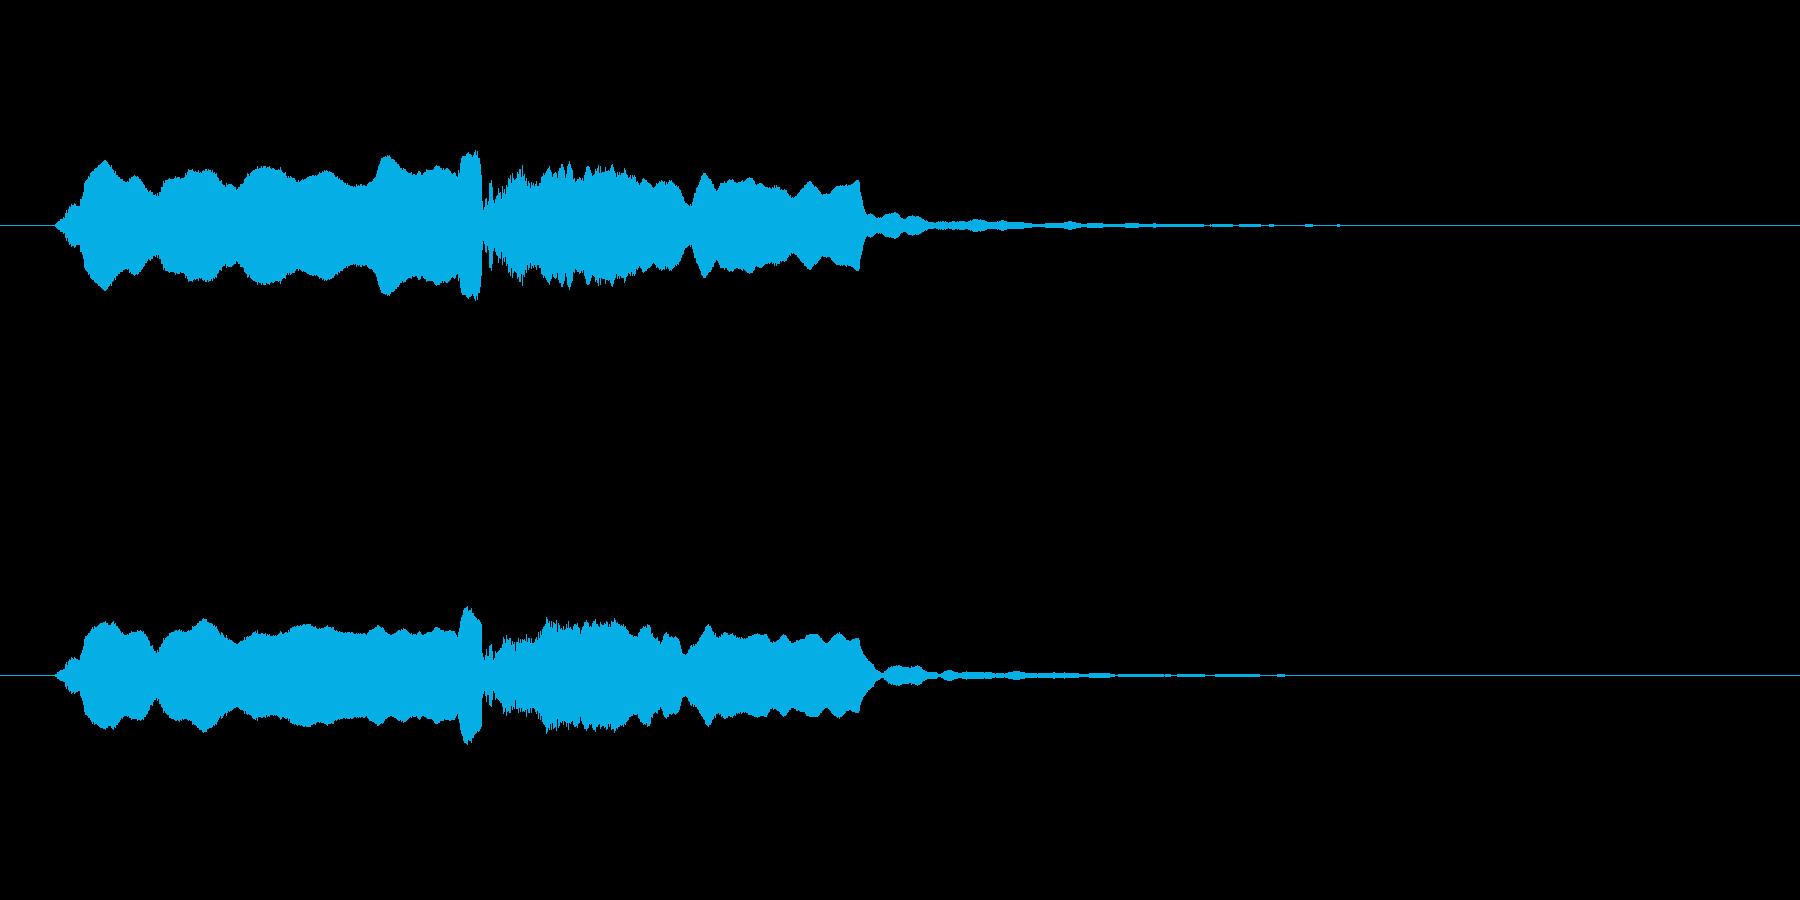 音侍SE「尺八フレーズ1」エニグマ音03の再生済みの波形